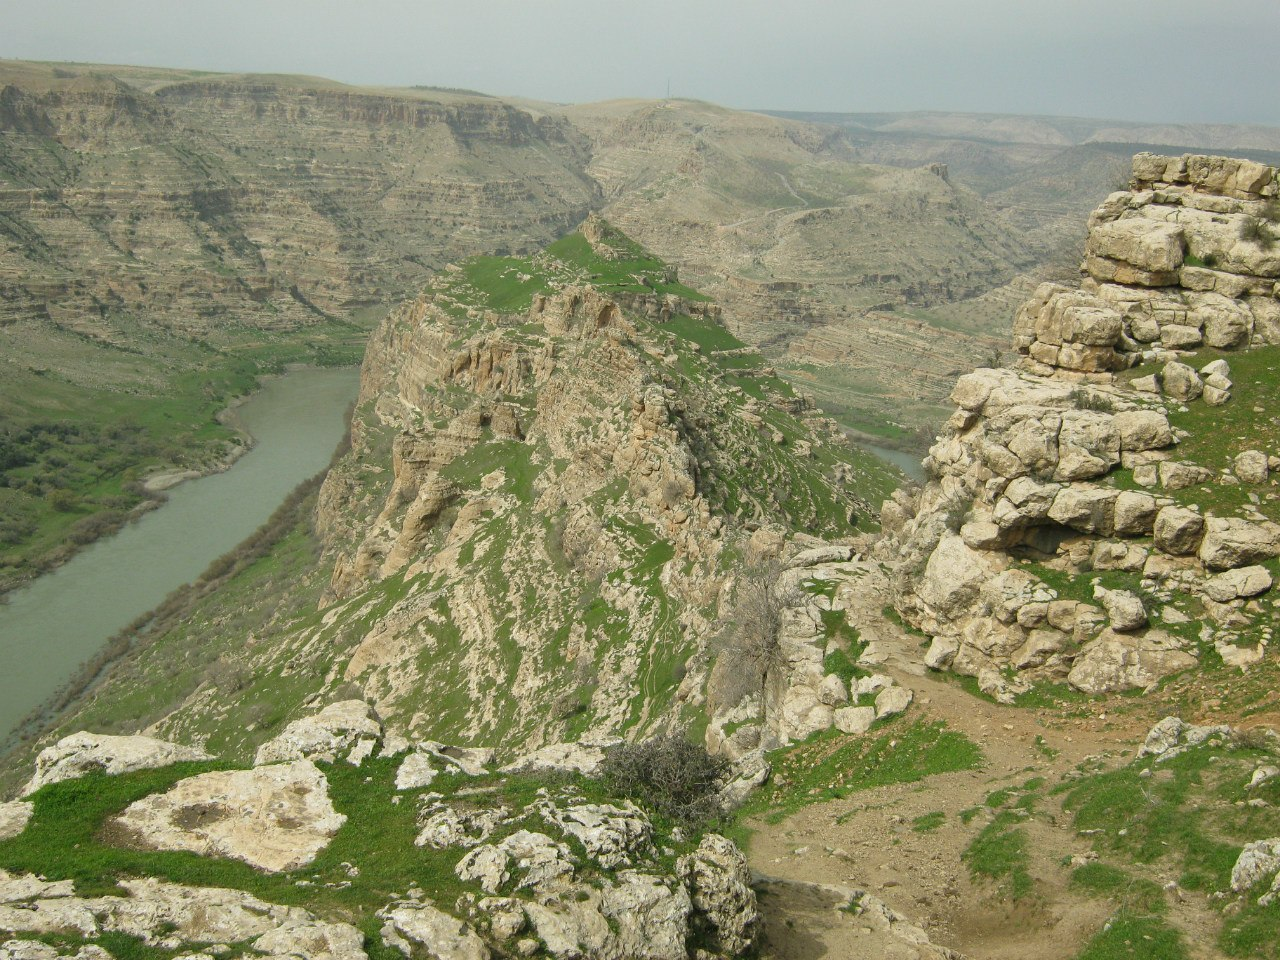 на юго-востоке Турции пейзажи